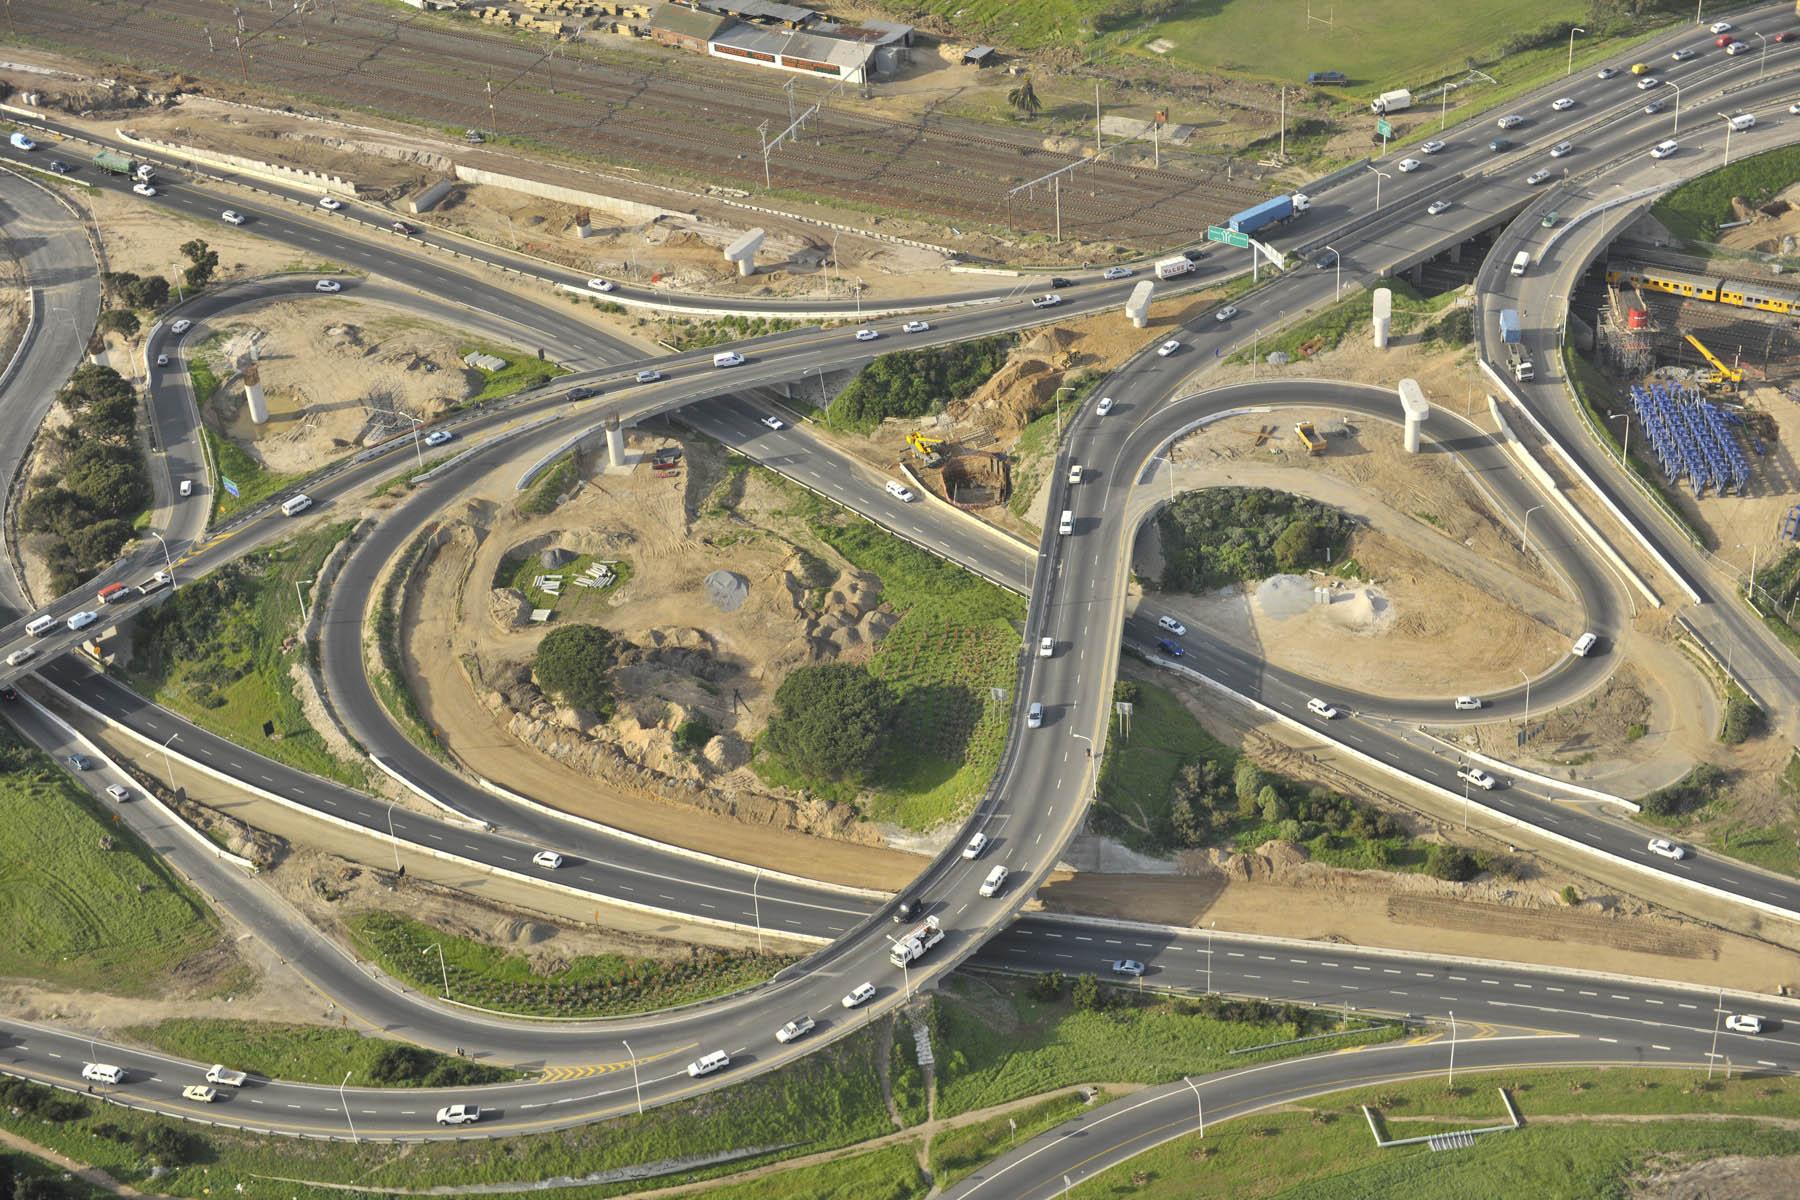 К 2014 году в Туле построят крупную транспортную развязку